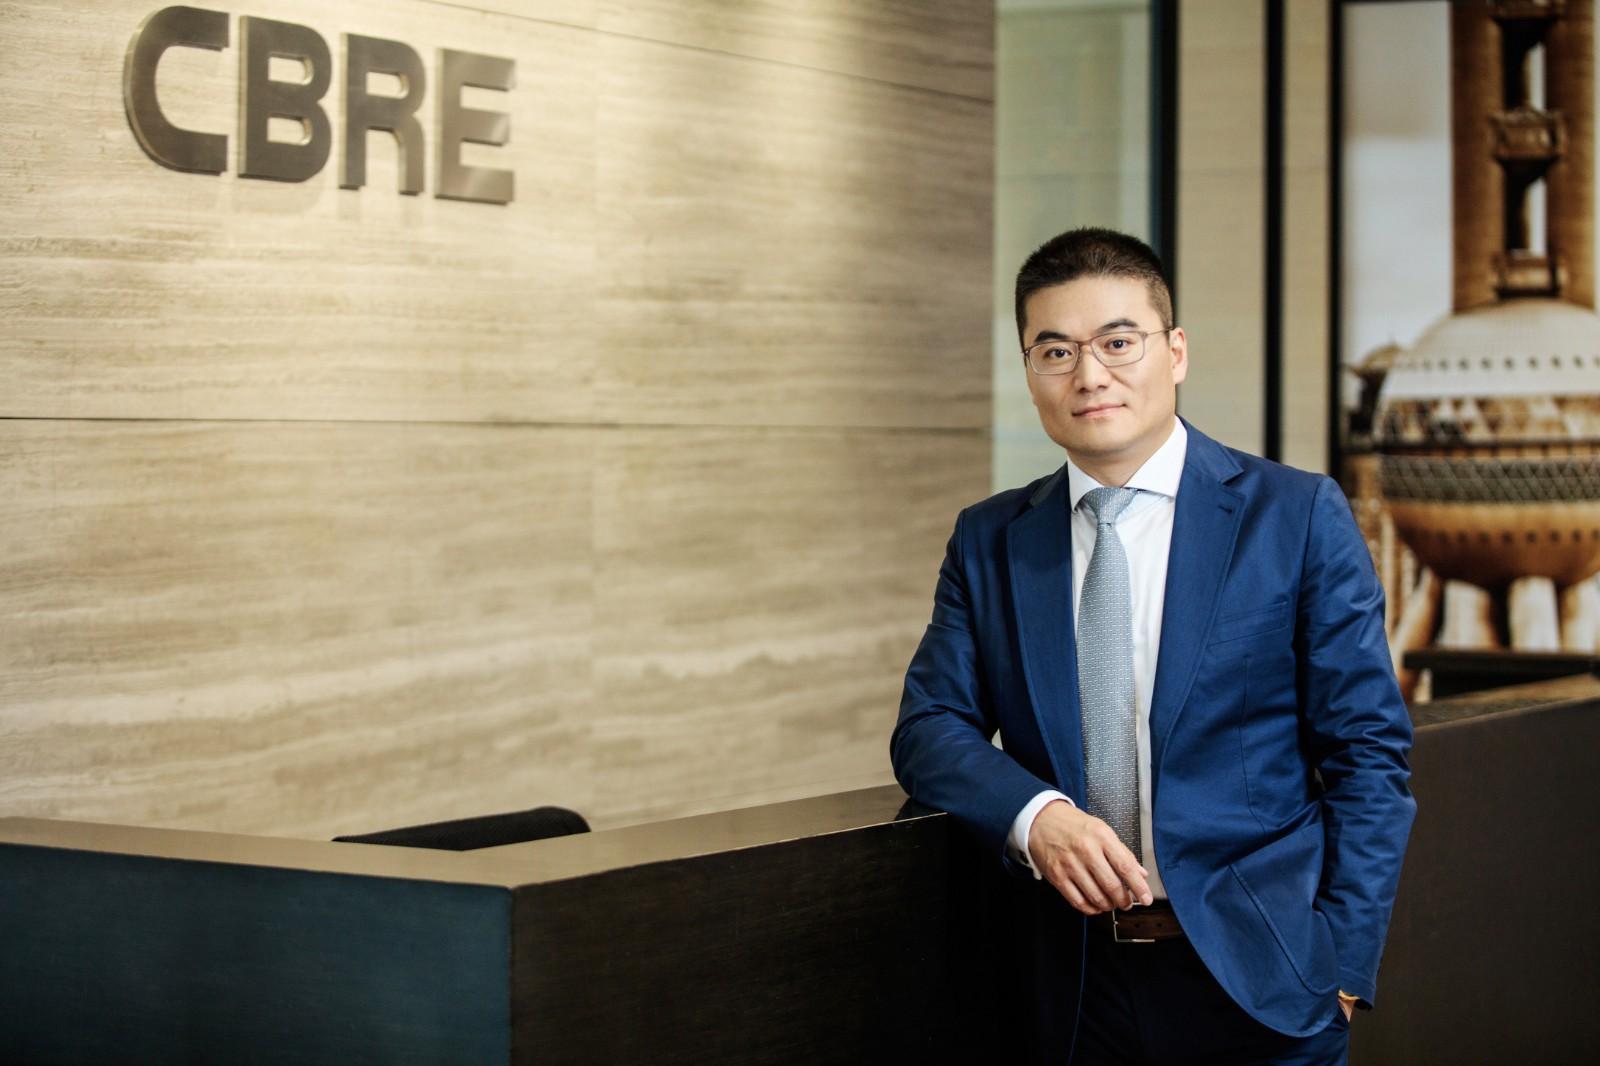 专访世邦魏理仕中国区总裁李凌:中国将是响应式地产最主要市场之一